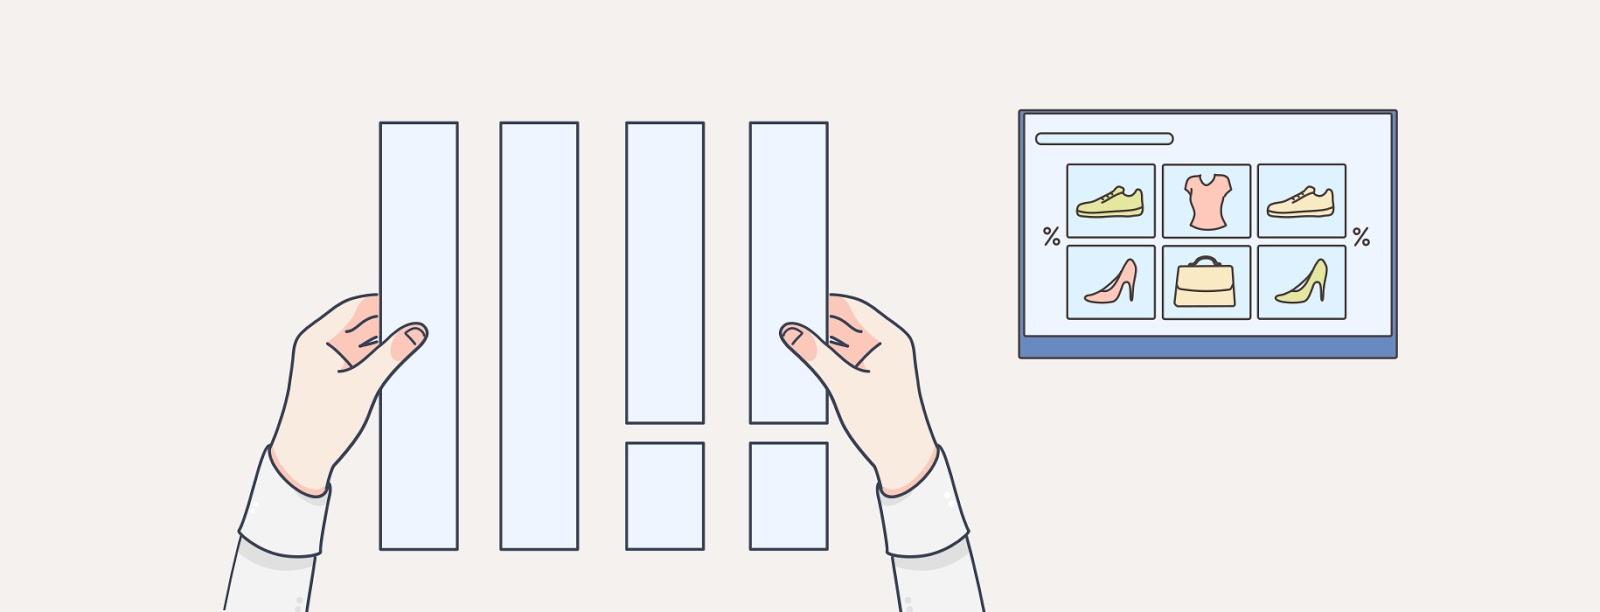 """Иллюстрация рук, организующих компоновку веб-дизайнов """"width ="""" 1600 """"height ="""" 612 """"/>    <figcaption> Ознакомьтесь с вашими проектами перед их загрузкой. Иллюстрация OrangeCrush </figcaption></figure> <p> Независимо от того, видны ли на вашей веб-странице линии ваших сеток и столбцов, они по-прежнему составляют основу базовой структуры вашего сайта и пропорций между элементами. Сетки помогают разделять веб-страницы по горизонтали и вертикали, а также таким образом диктуют согласование между различными элементами дизайна. </p> <p> Тем не менее, можно также комбинировать сеточный дизайн с более современными методами проектирования и исследования потребителей. Разнообразие способов, которыми потребители взаимодействуют с Интернетом, породило аналогичный диапазон ожиданий, когда дело доходит до того, как они ожидают, что разные типы веб-страниц будут выглядеть и восприниматься. </p> <figure data-id="""